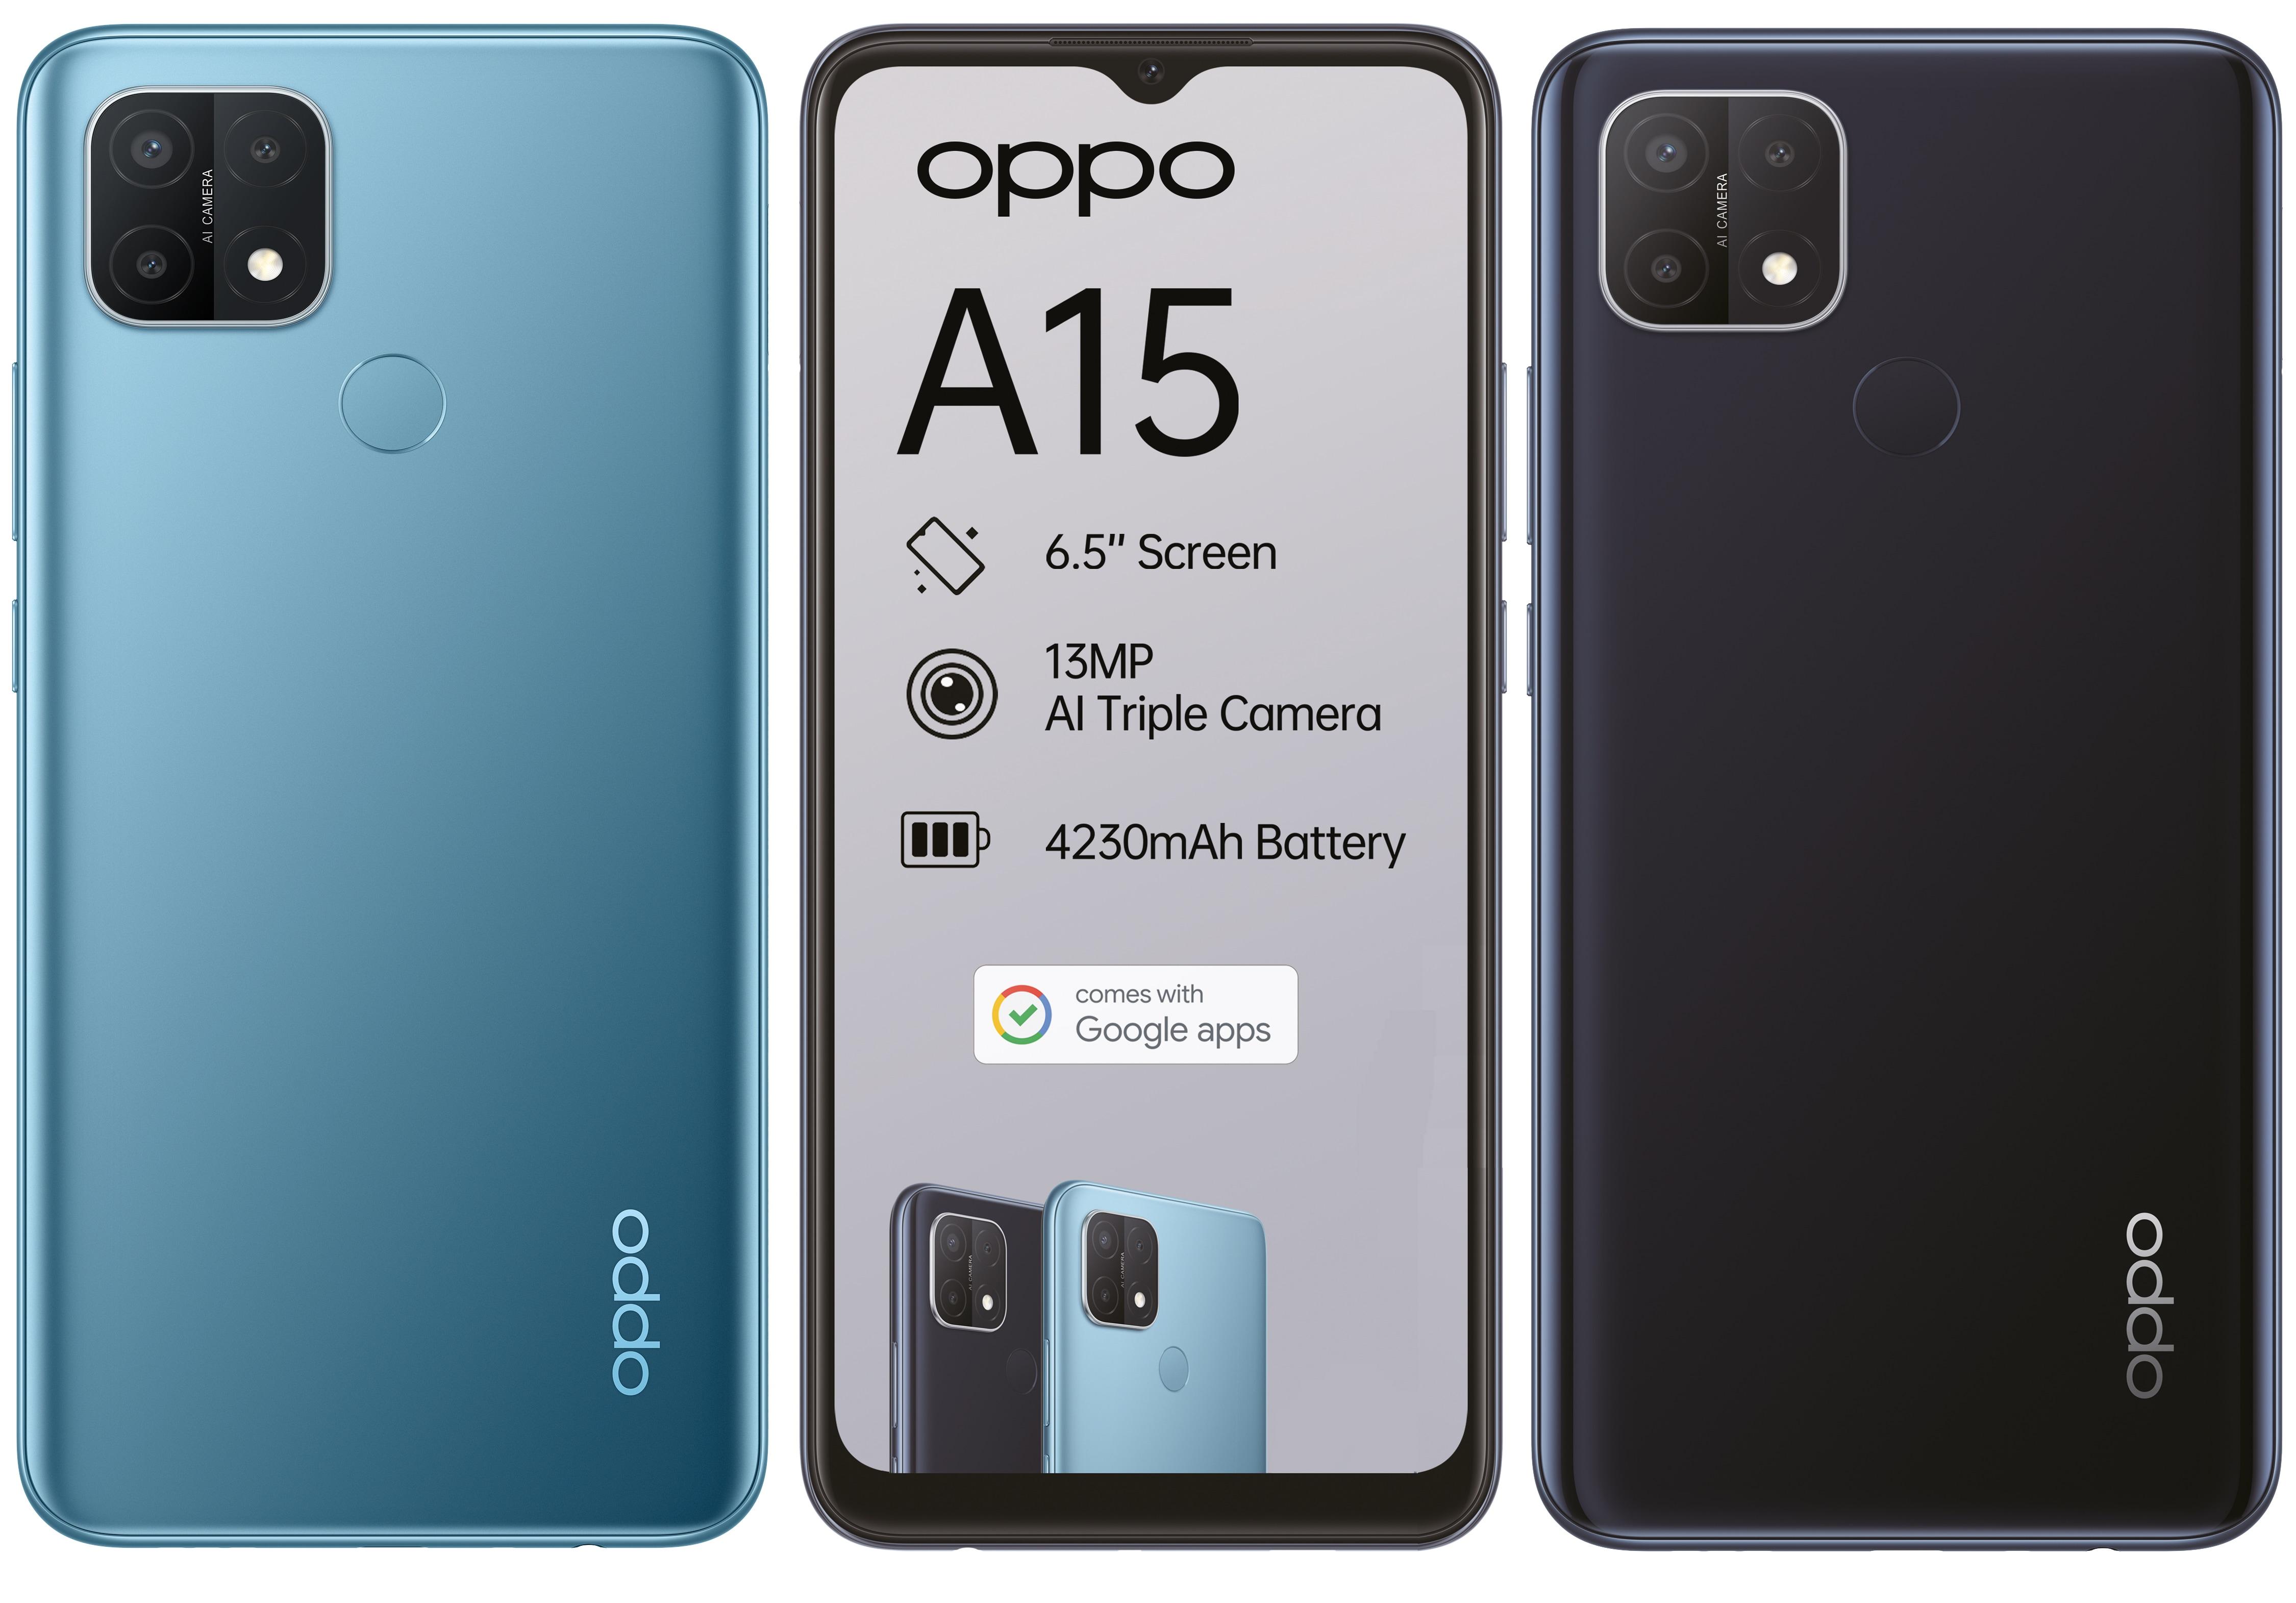 Ecco come sarà il nuovo OPPO A15: display da 6,5